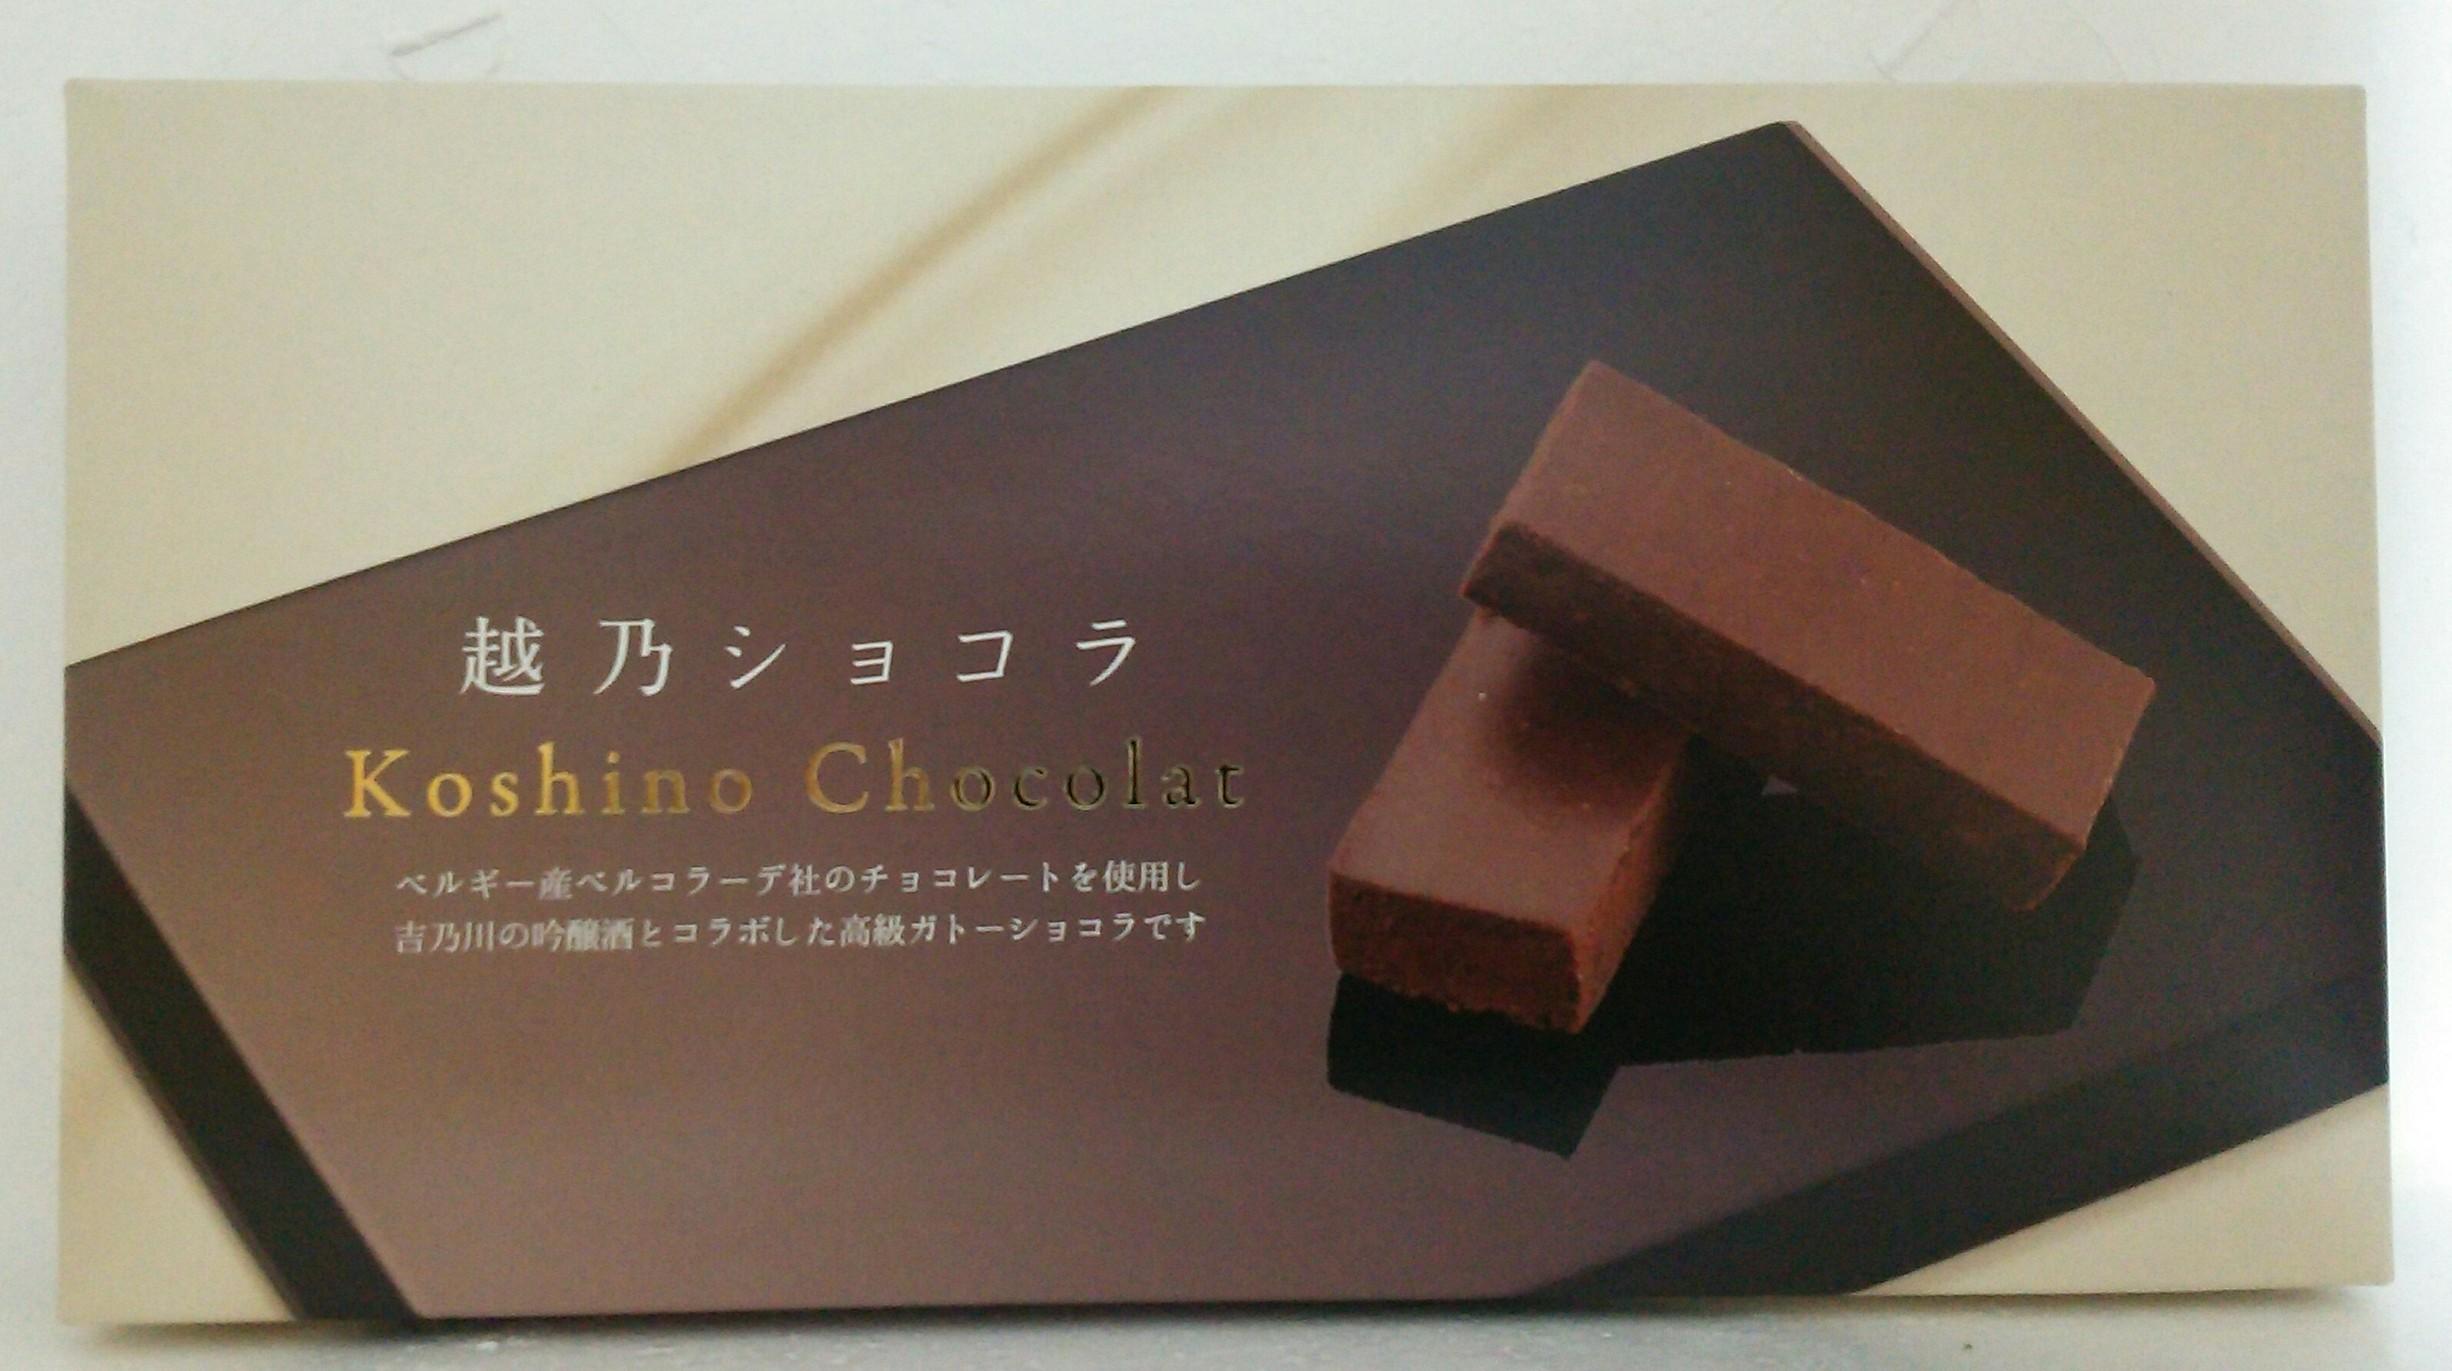 ニューデイズミニ 長岡2F1店